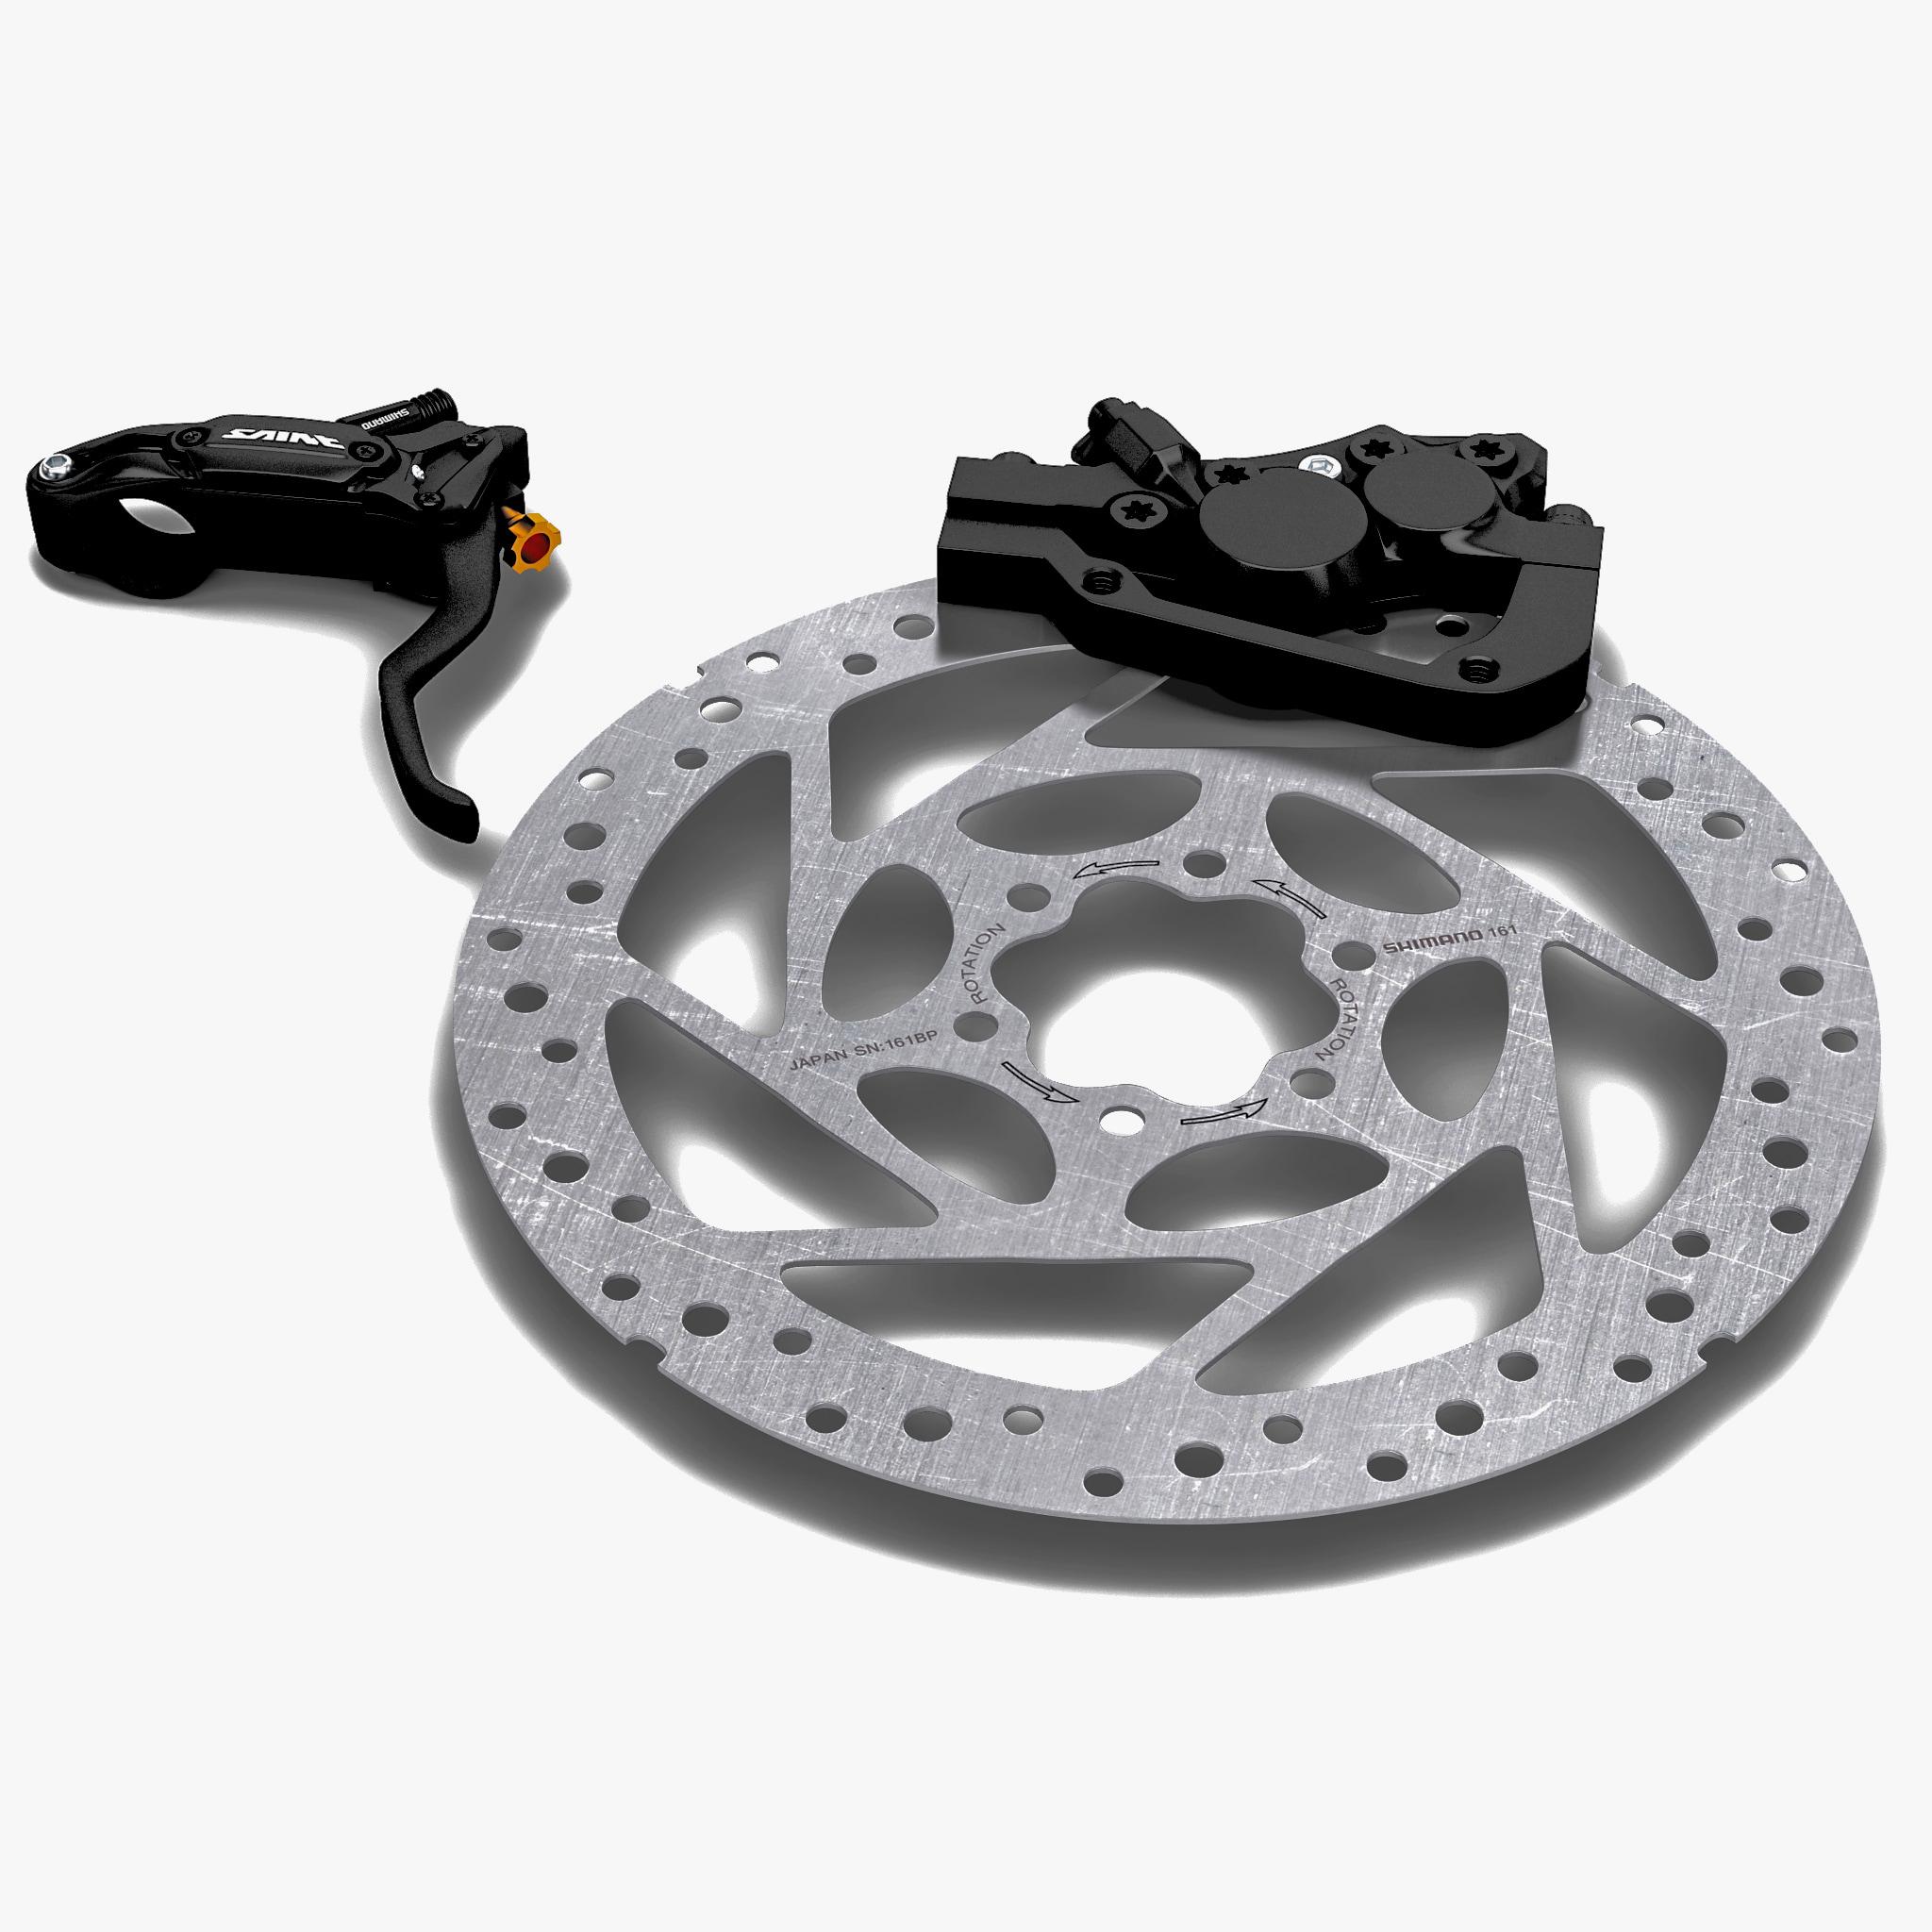 Bicycle Brake Systems : Bicycle brake shimano saint ds